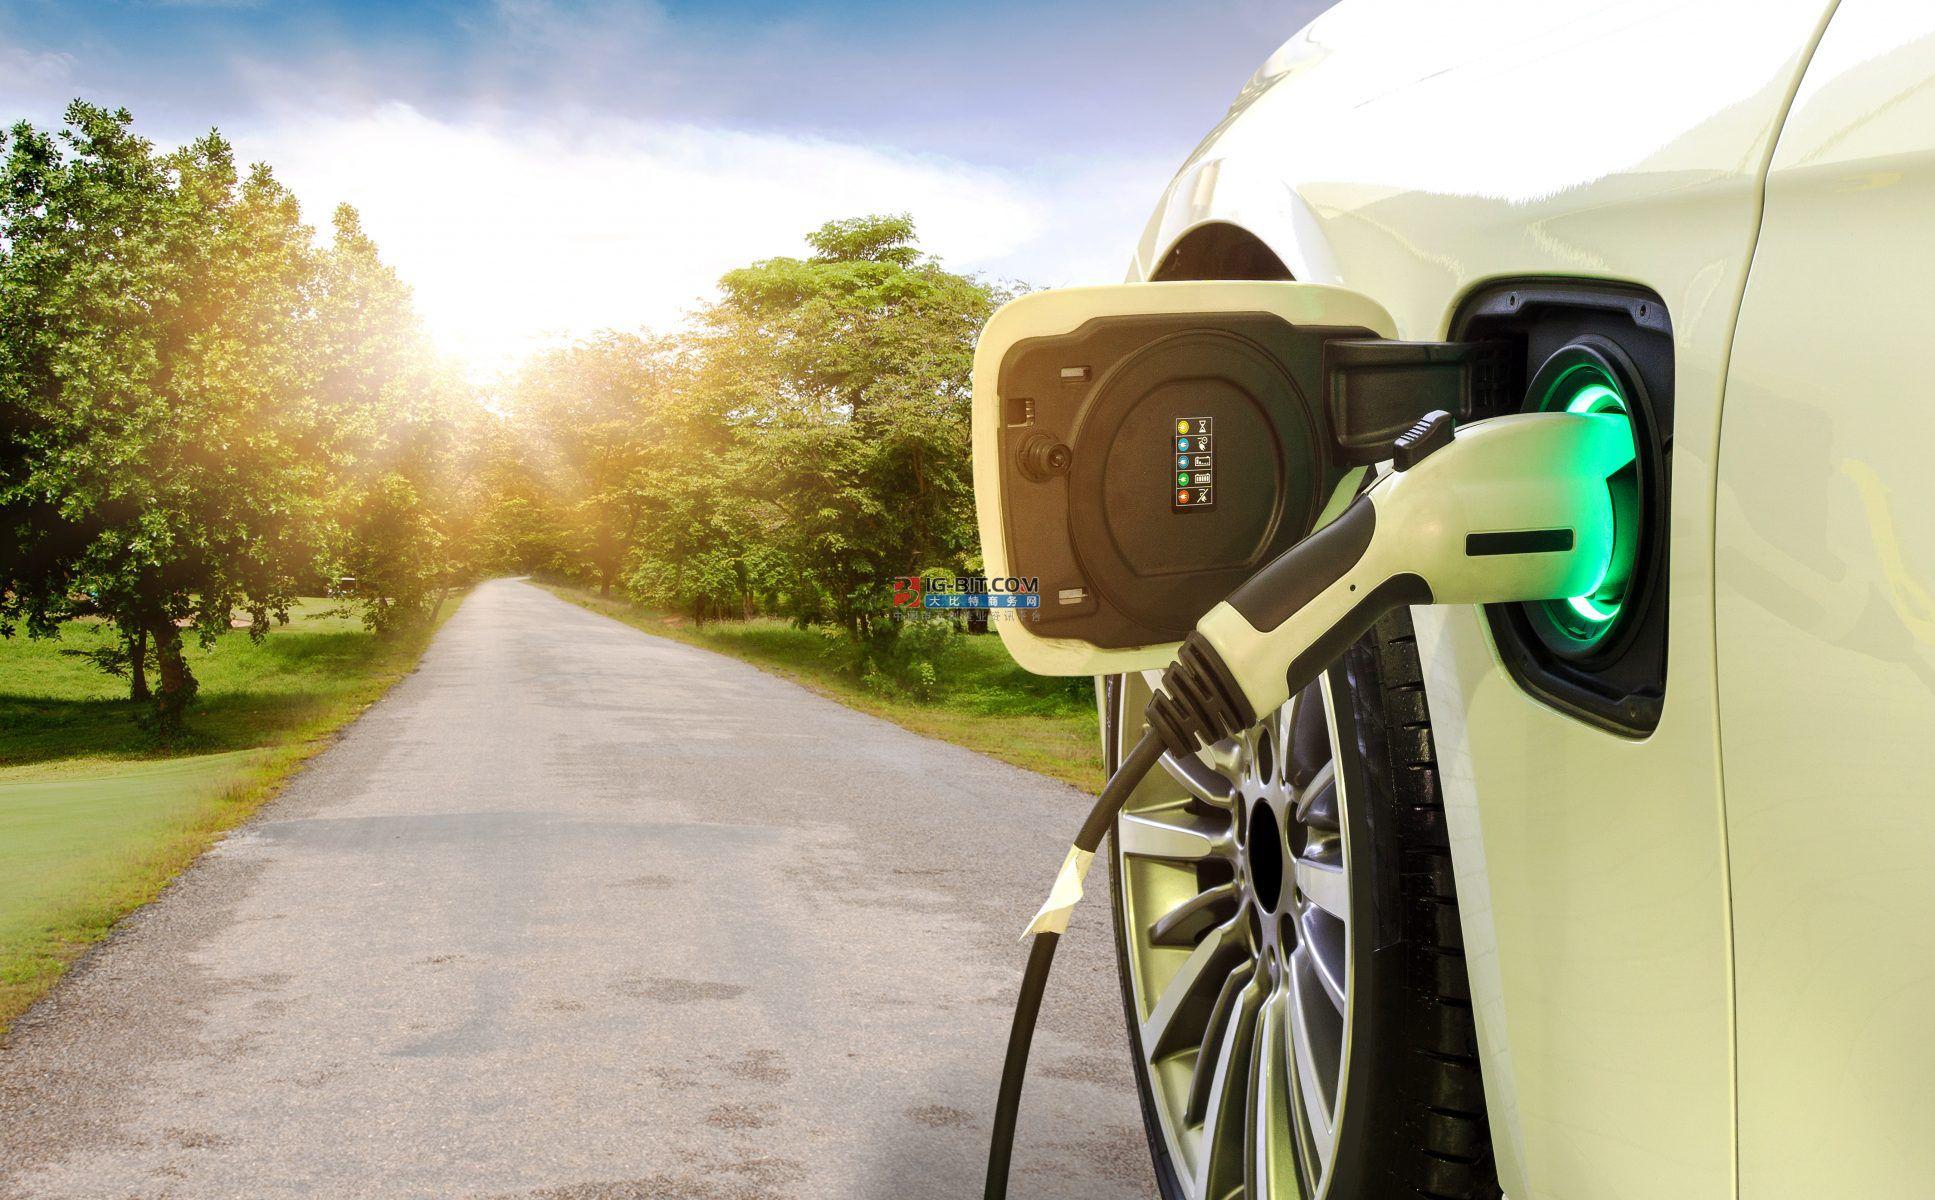 彭博社预测:疫情致电动汽车销量下滑 今年电池需求或首次下跌